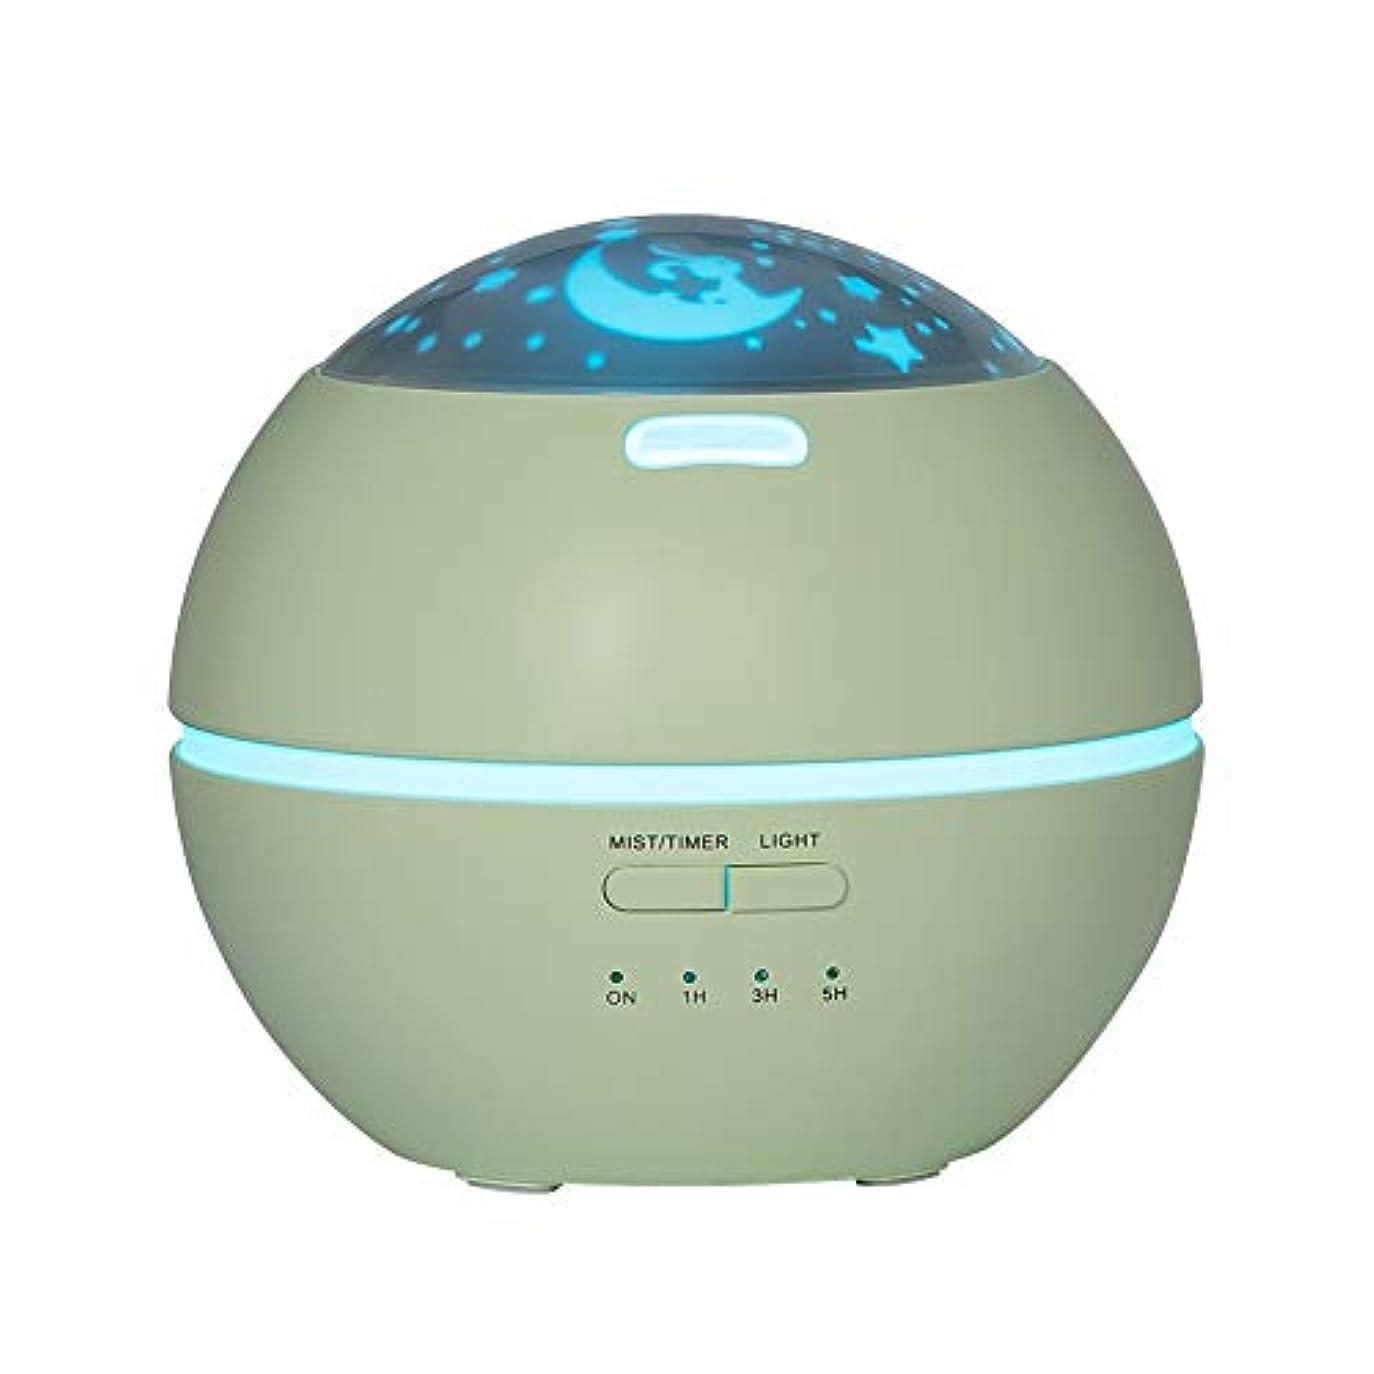 擁するタンパク質代数LIBESON 加湿器 卓上 超音波式 アロマディフューザー 8色LEDライト変換 超静音 ミス調整可能 時間設定タイマー機能付き 空焚き防止機能搭載 アロマ加湿器 ホワイト150mL (グリーン)